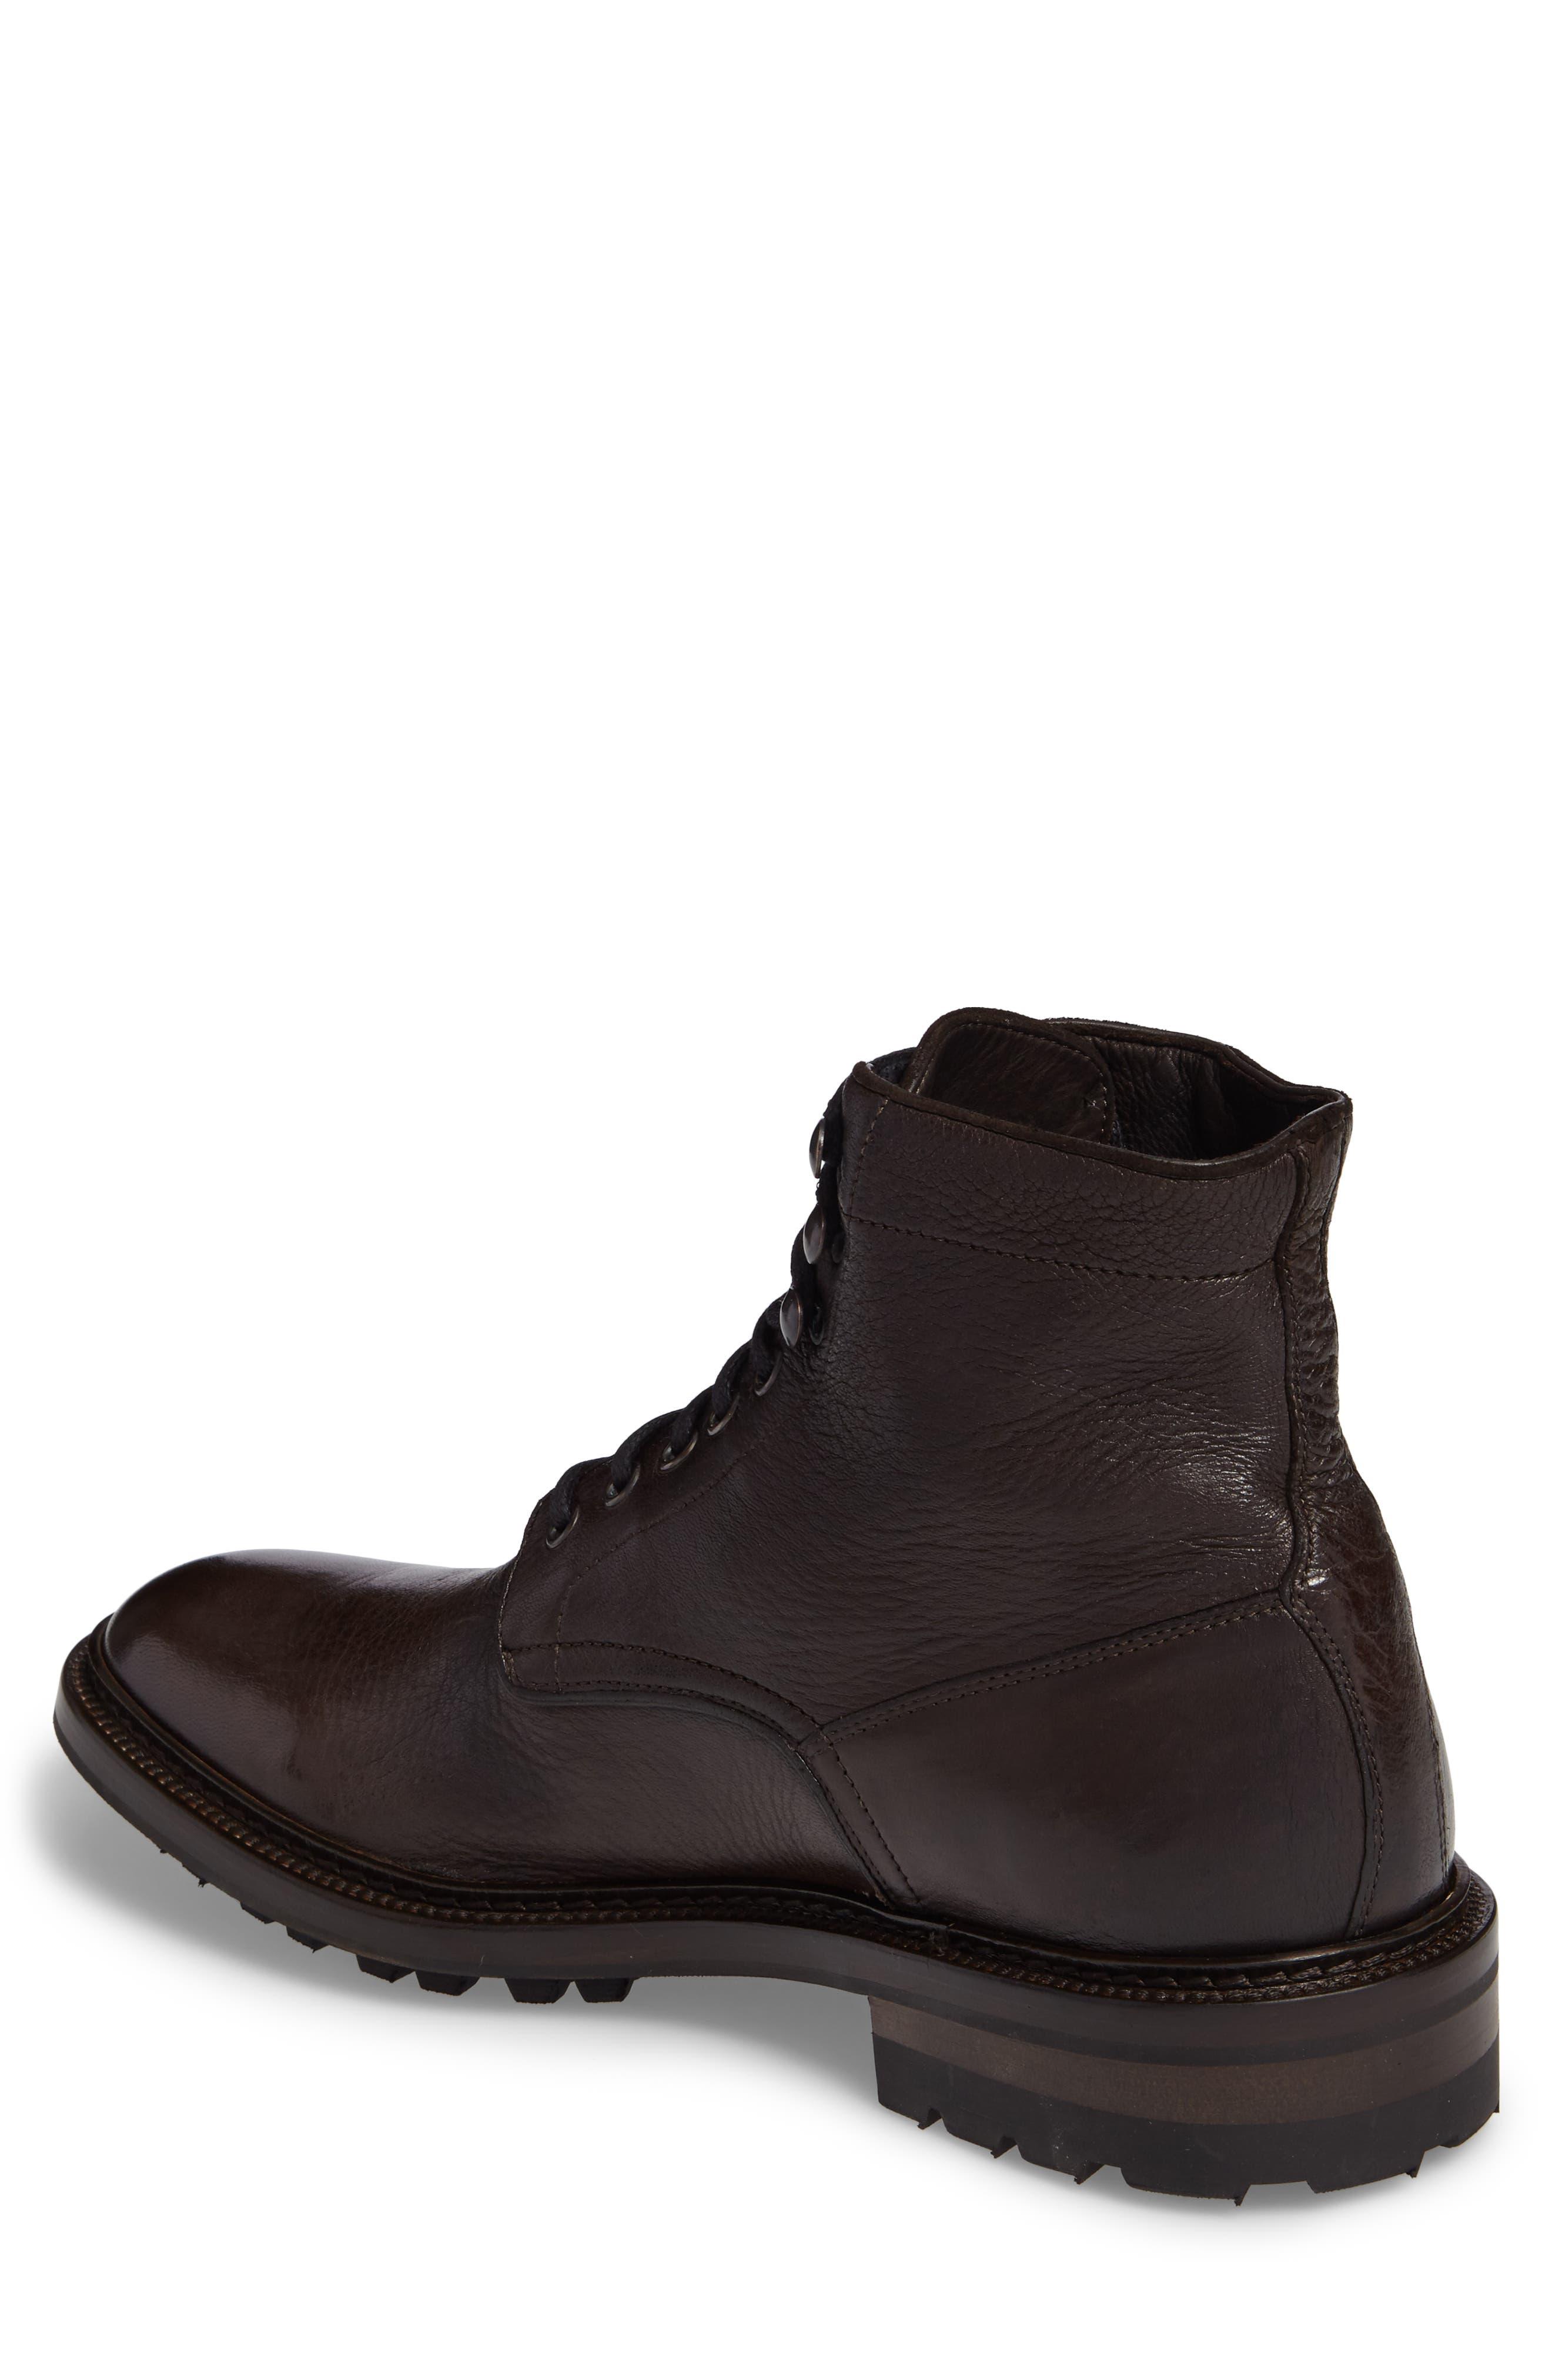 Greyson Plain Toe Boot,                             Alternate thumbnail 2, color,                             200